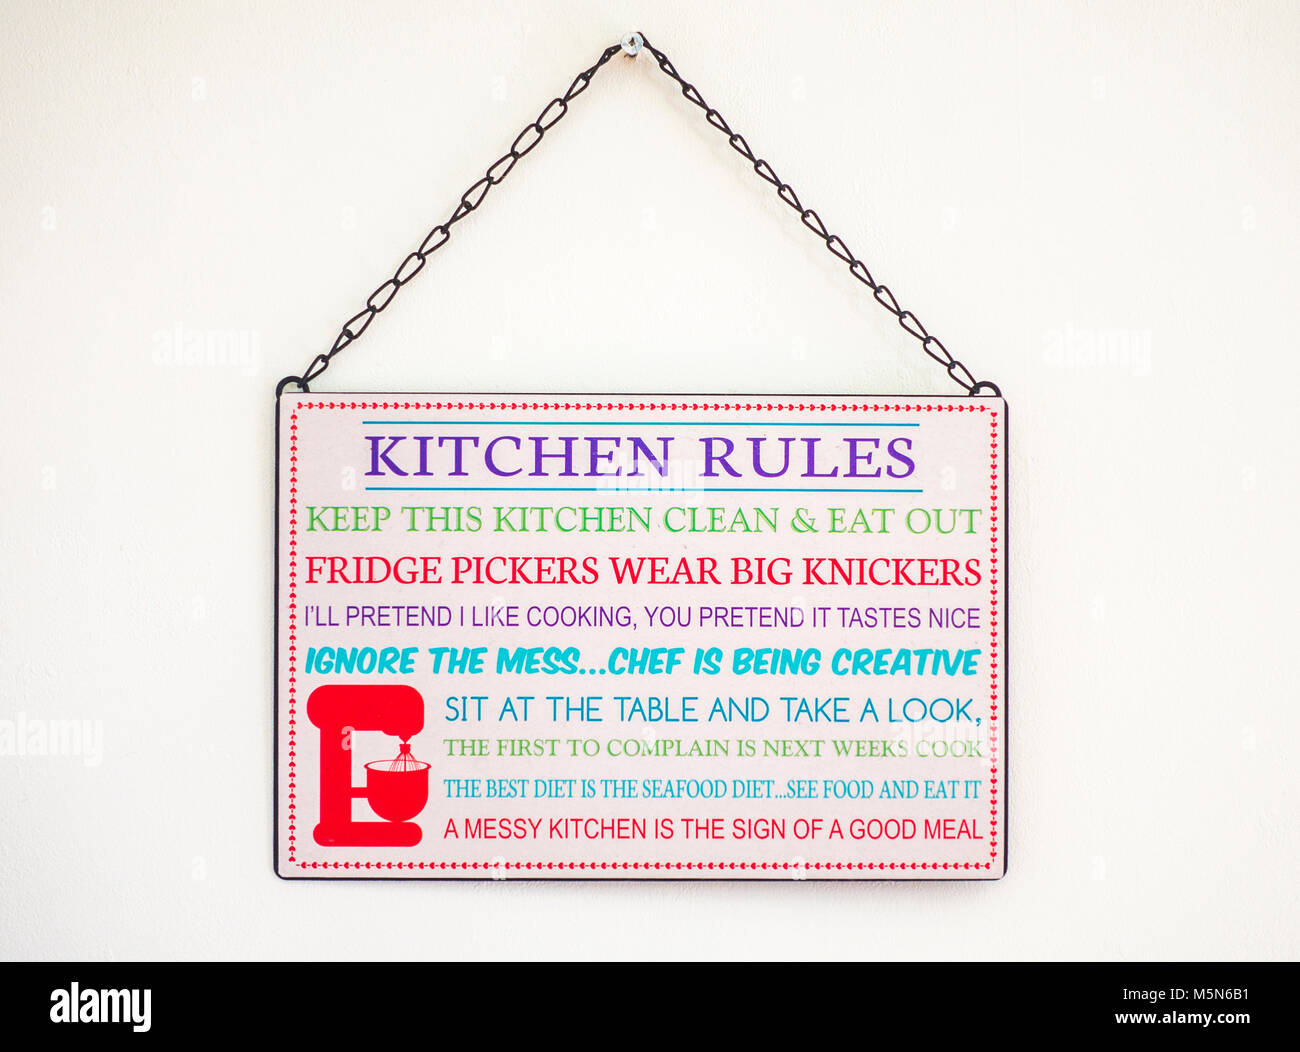 Groß Küche Regeln Zeichen Bilder - Küchenschrank Ideen - eastbound.info